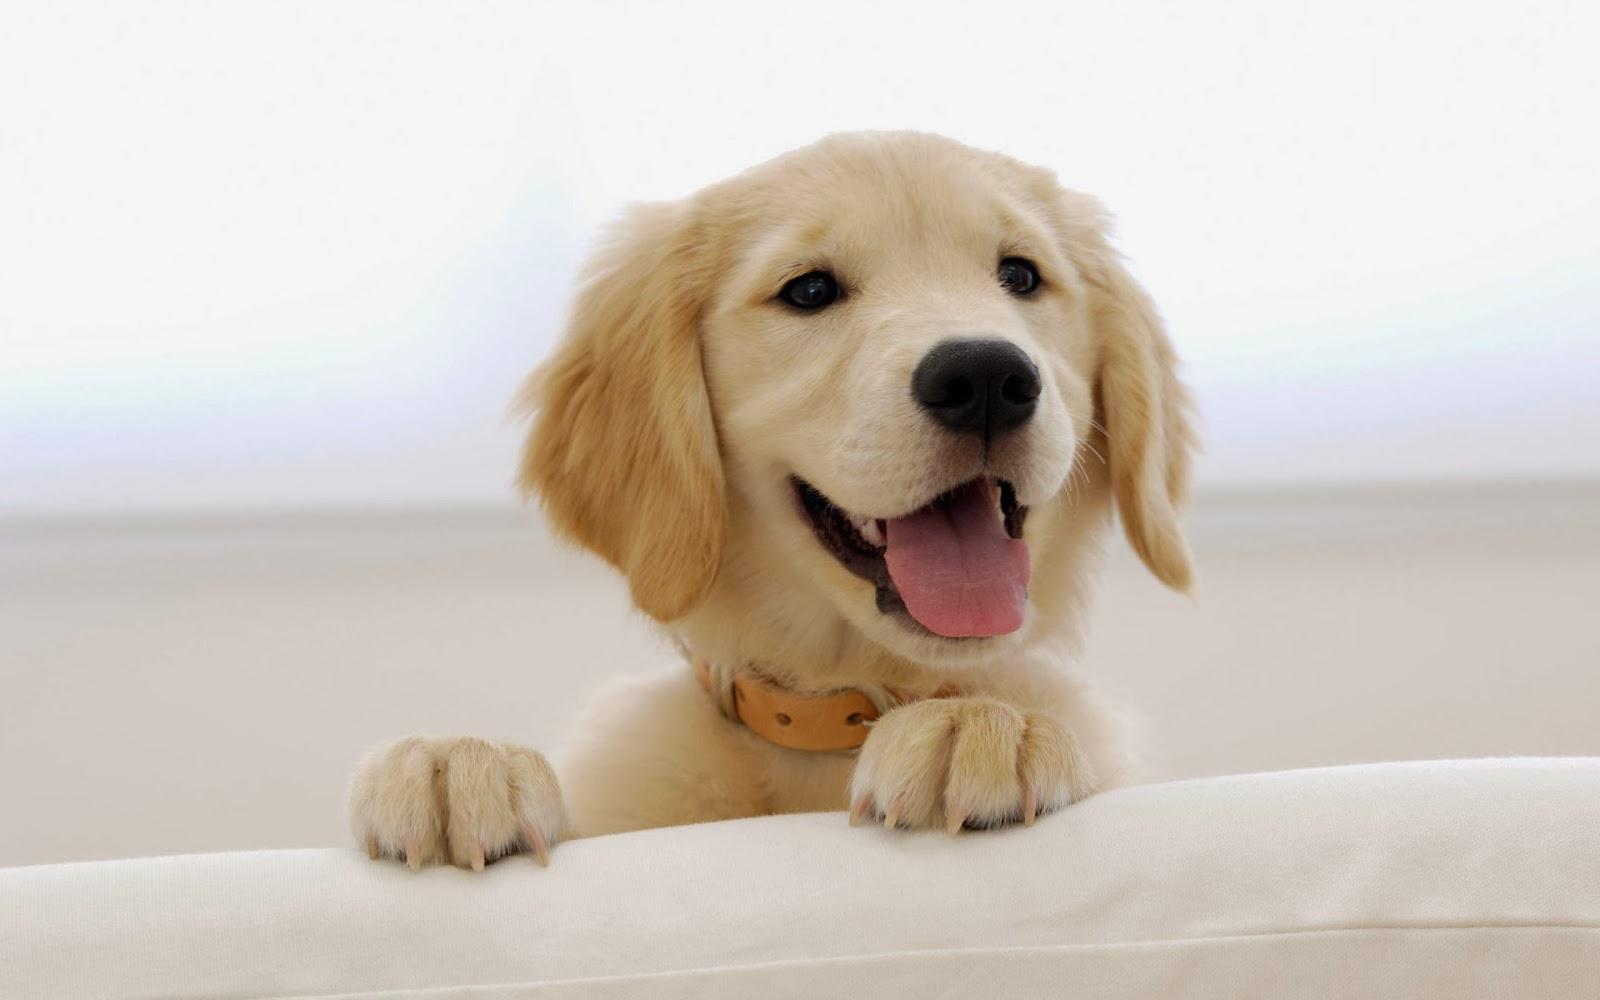 """<img src=""""http://2.bp.blogspot.com/-sS8vXu6LO50/Uue72L7oqvI/AAAAAAAAKhE/gBq6_Cdkssc/s1600/puppy-wallpaper.jpg"""" alt=""""puppy wallpaper"""" />"""